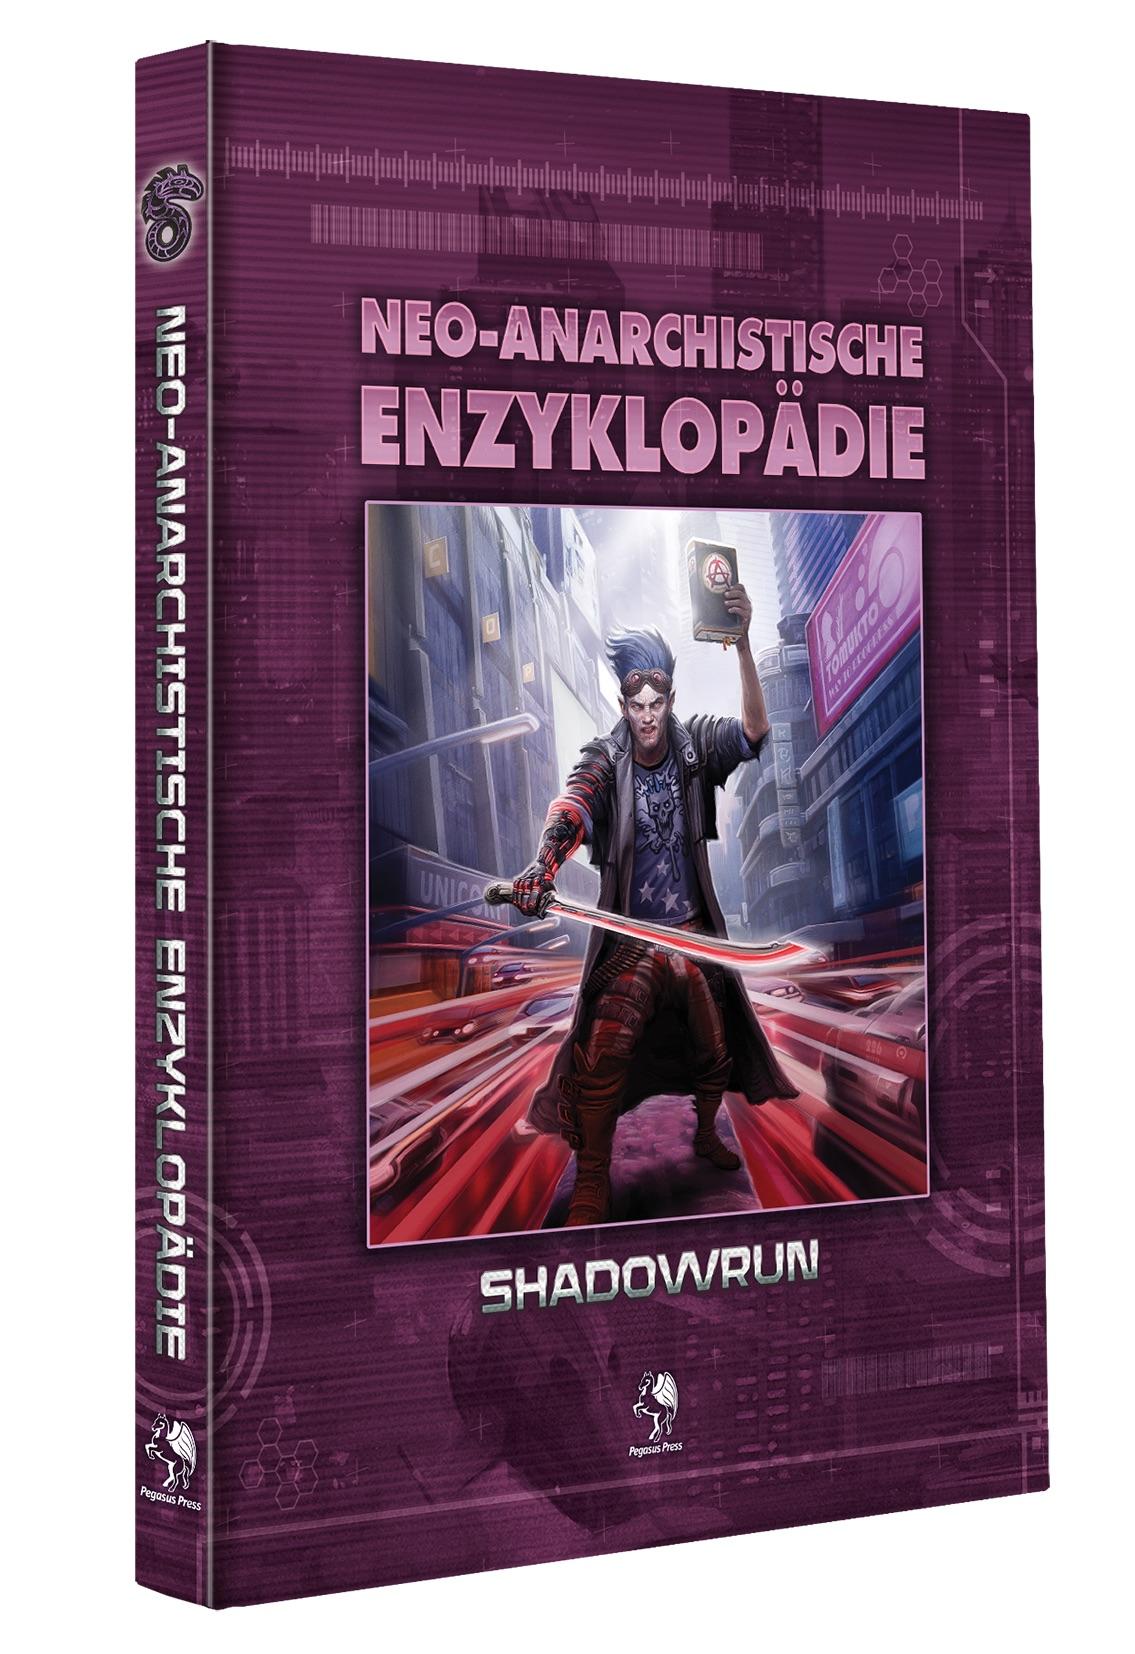 Shadowrun: Neo-Anarchistische Enzyklopädie (Hardcover)